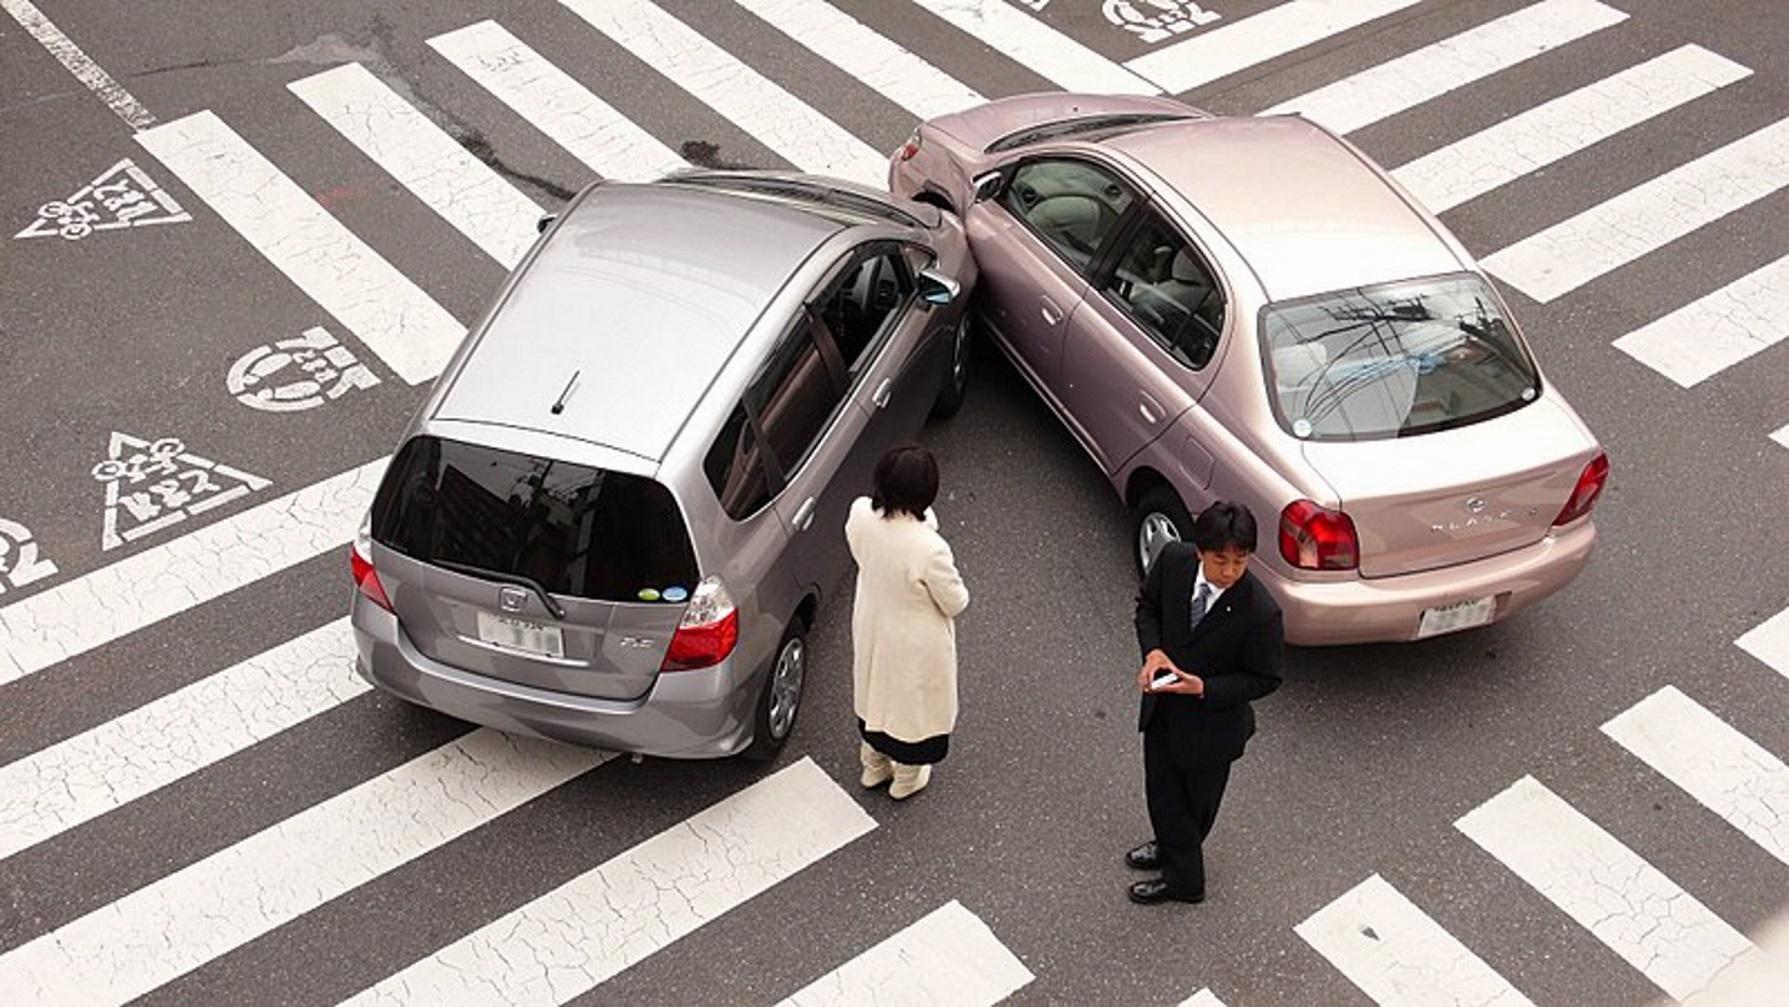 ВГермании столкнулись 10 машин, погибли 4 человека